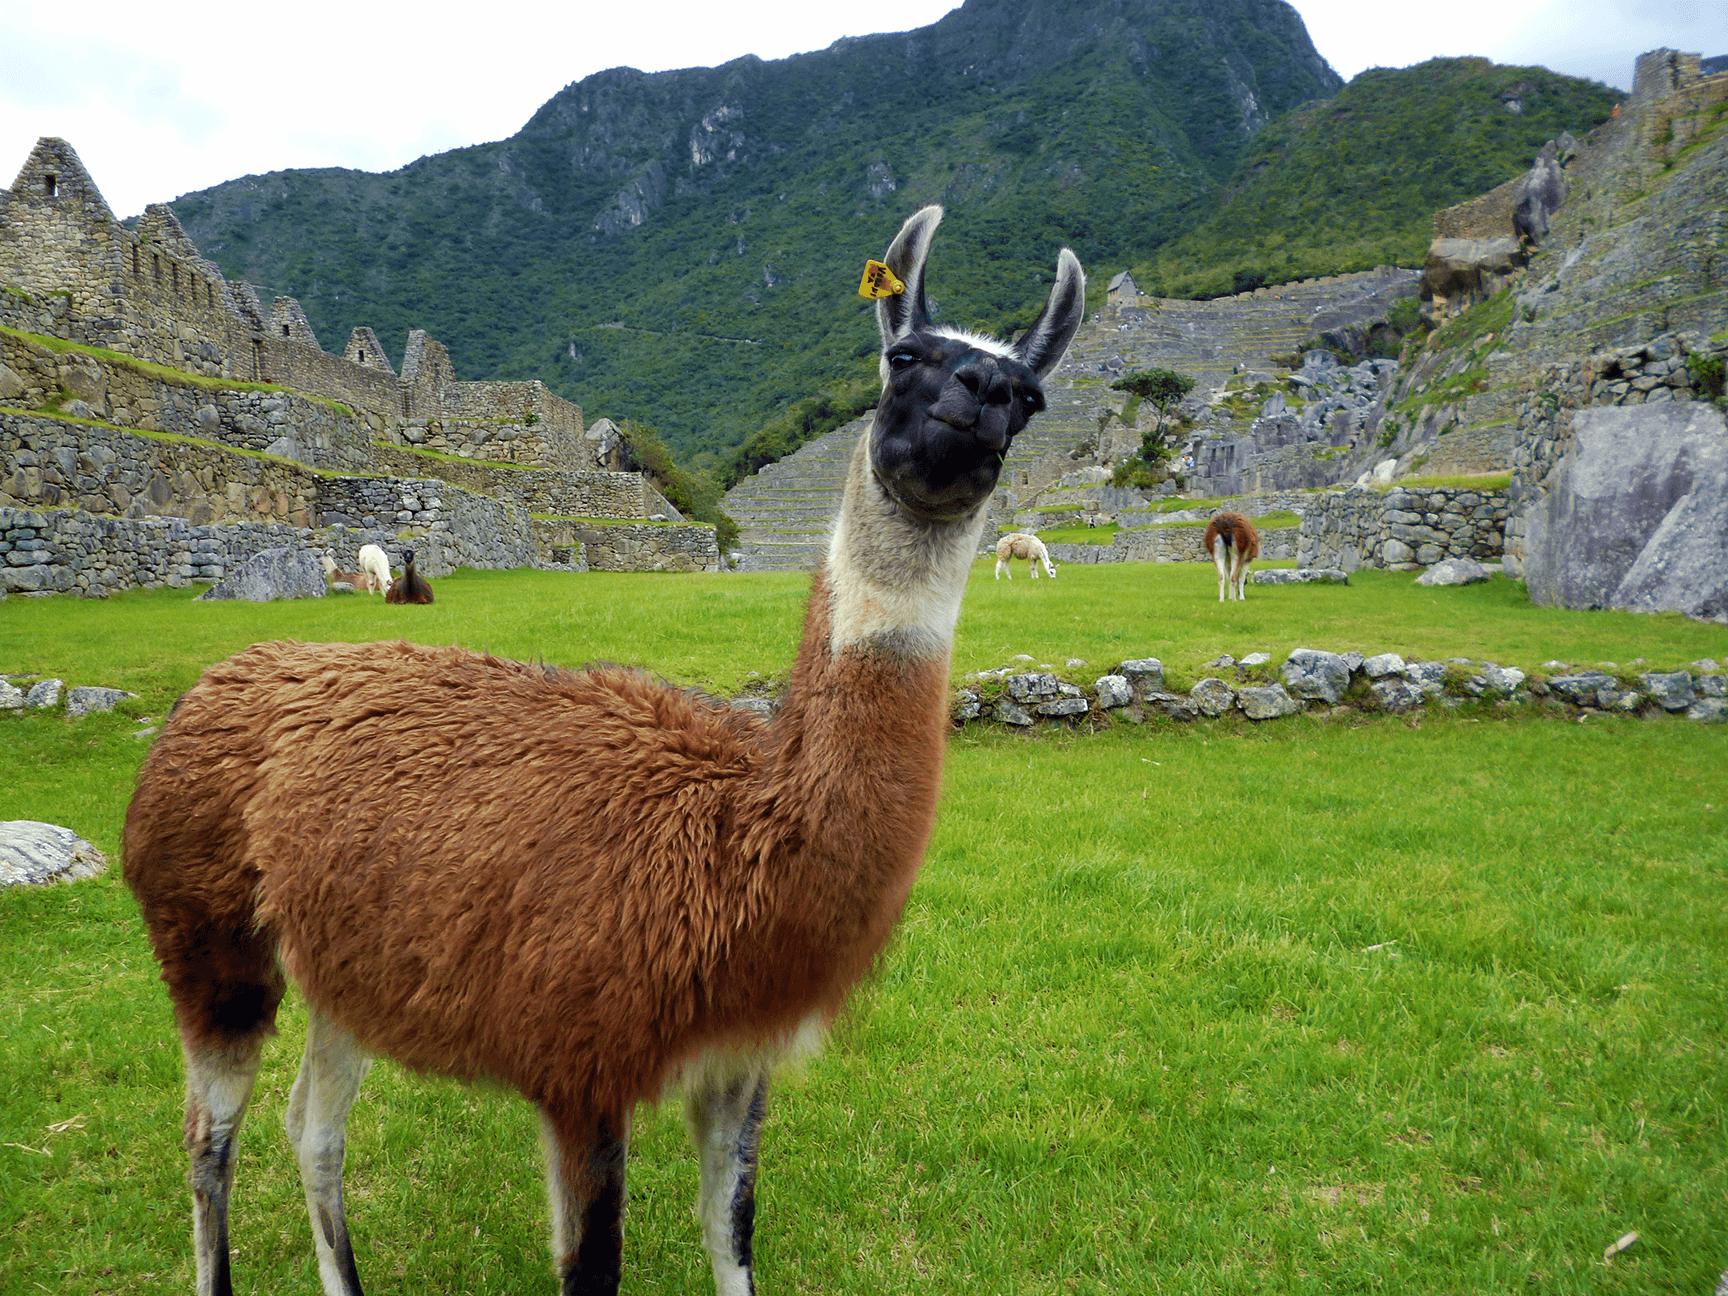 Curious alpaca at Machu Picchu